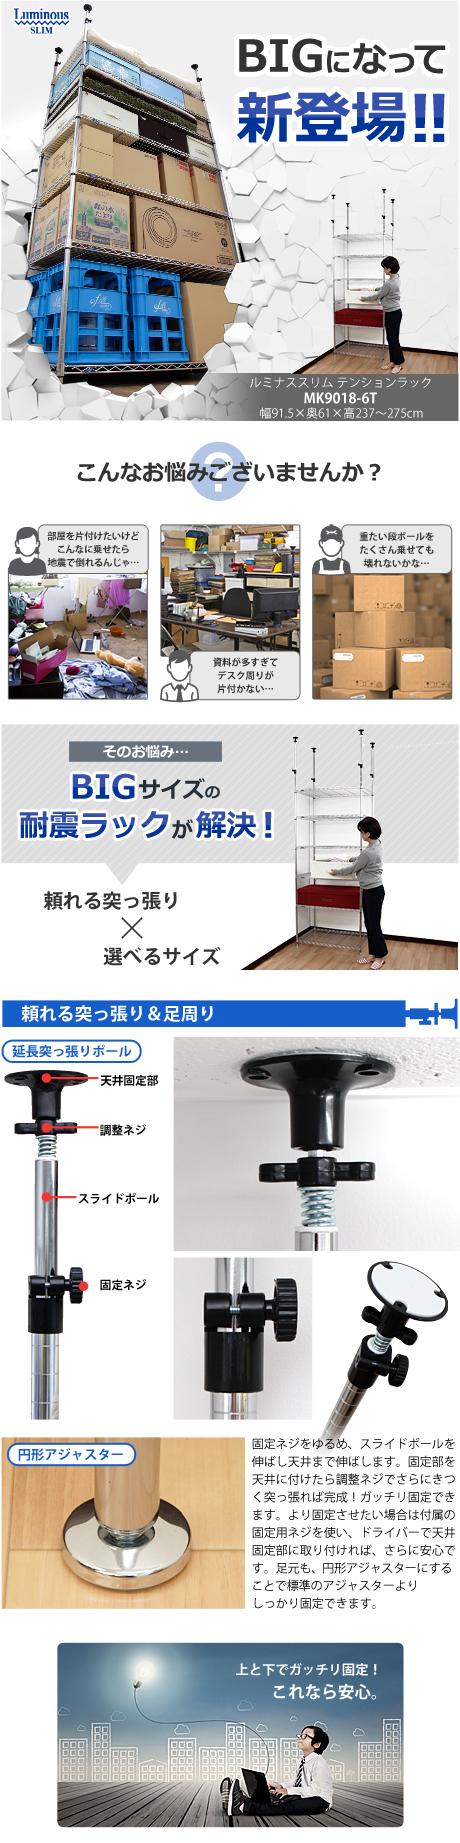 BIGになって新登場!!mk9018-6t